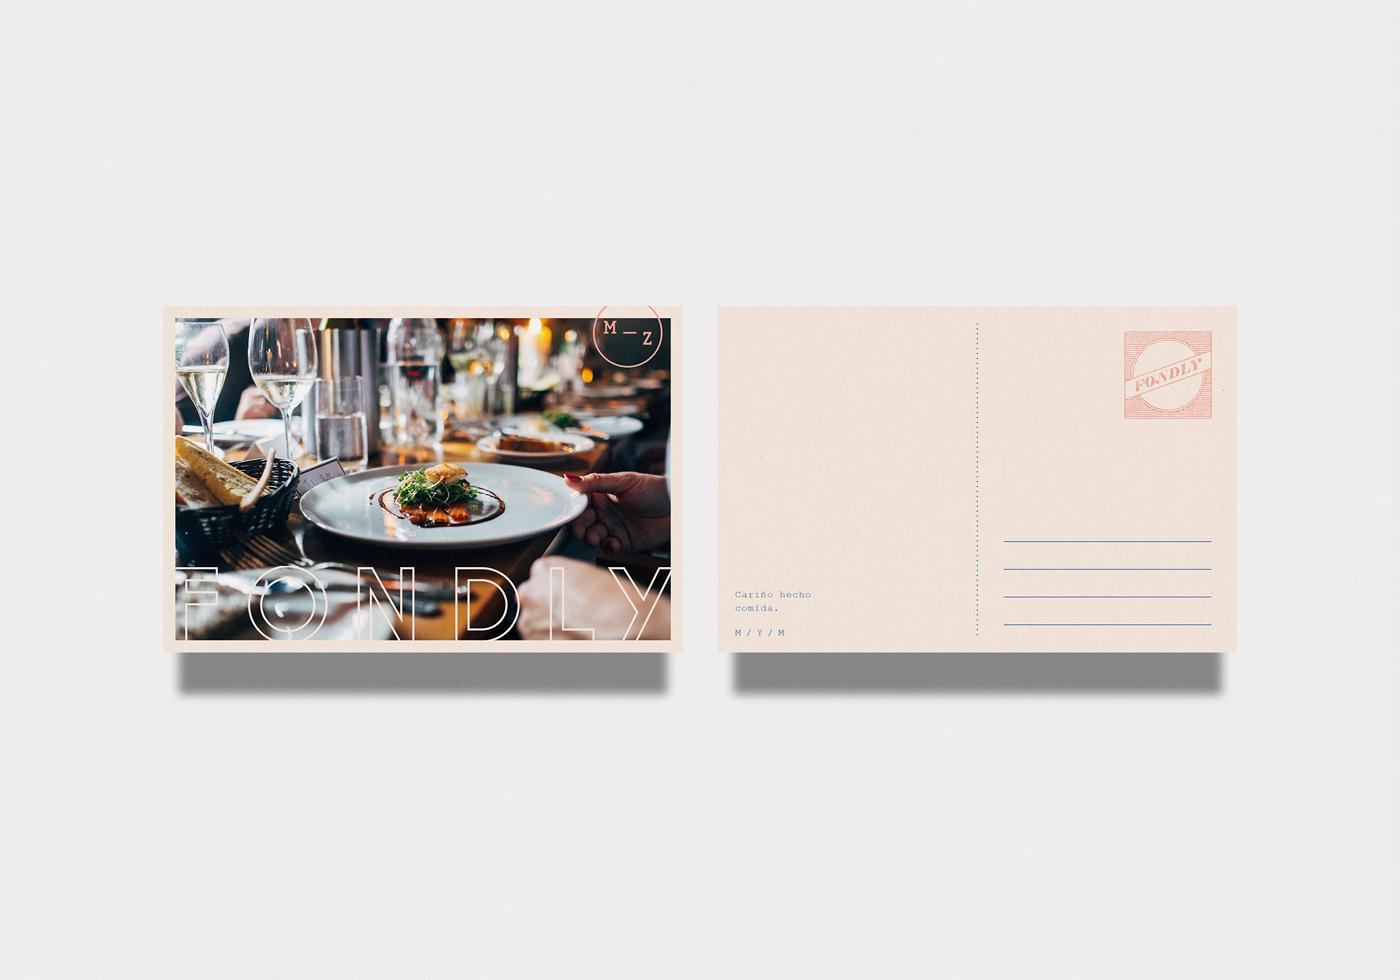 Fondly餐厅品牌设计 欣赏-第4张